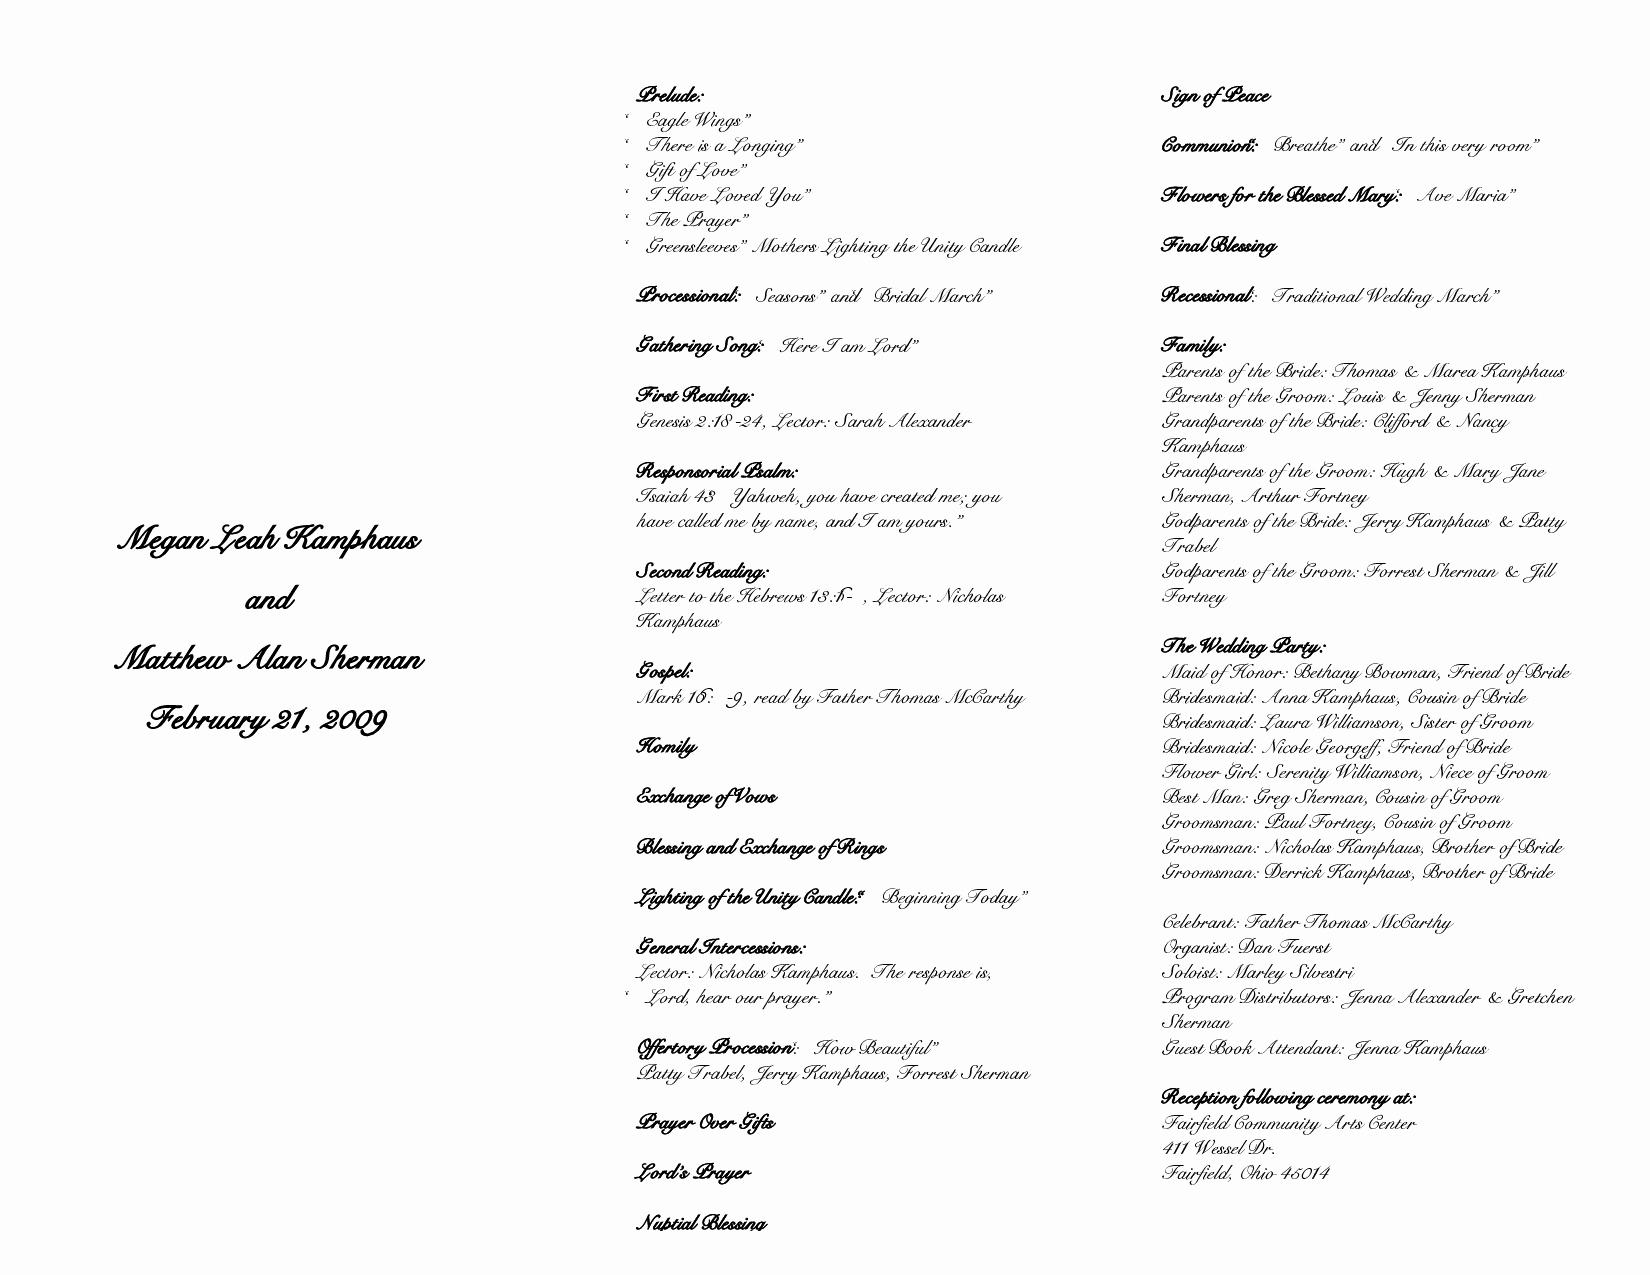 Catholic Wedding Program Templates Free New Best S Of Catholic Wedding Program Template Sample